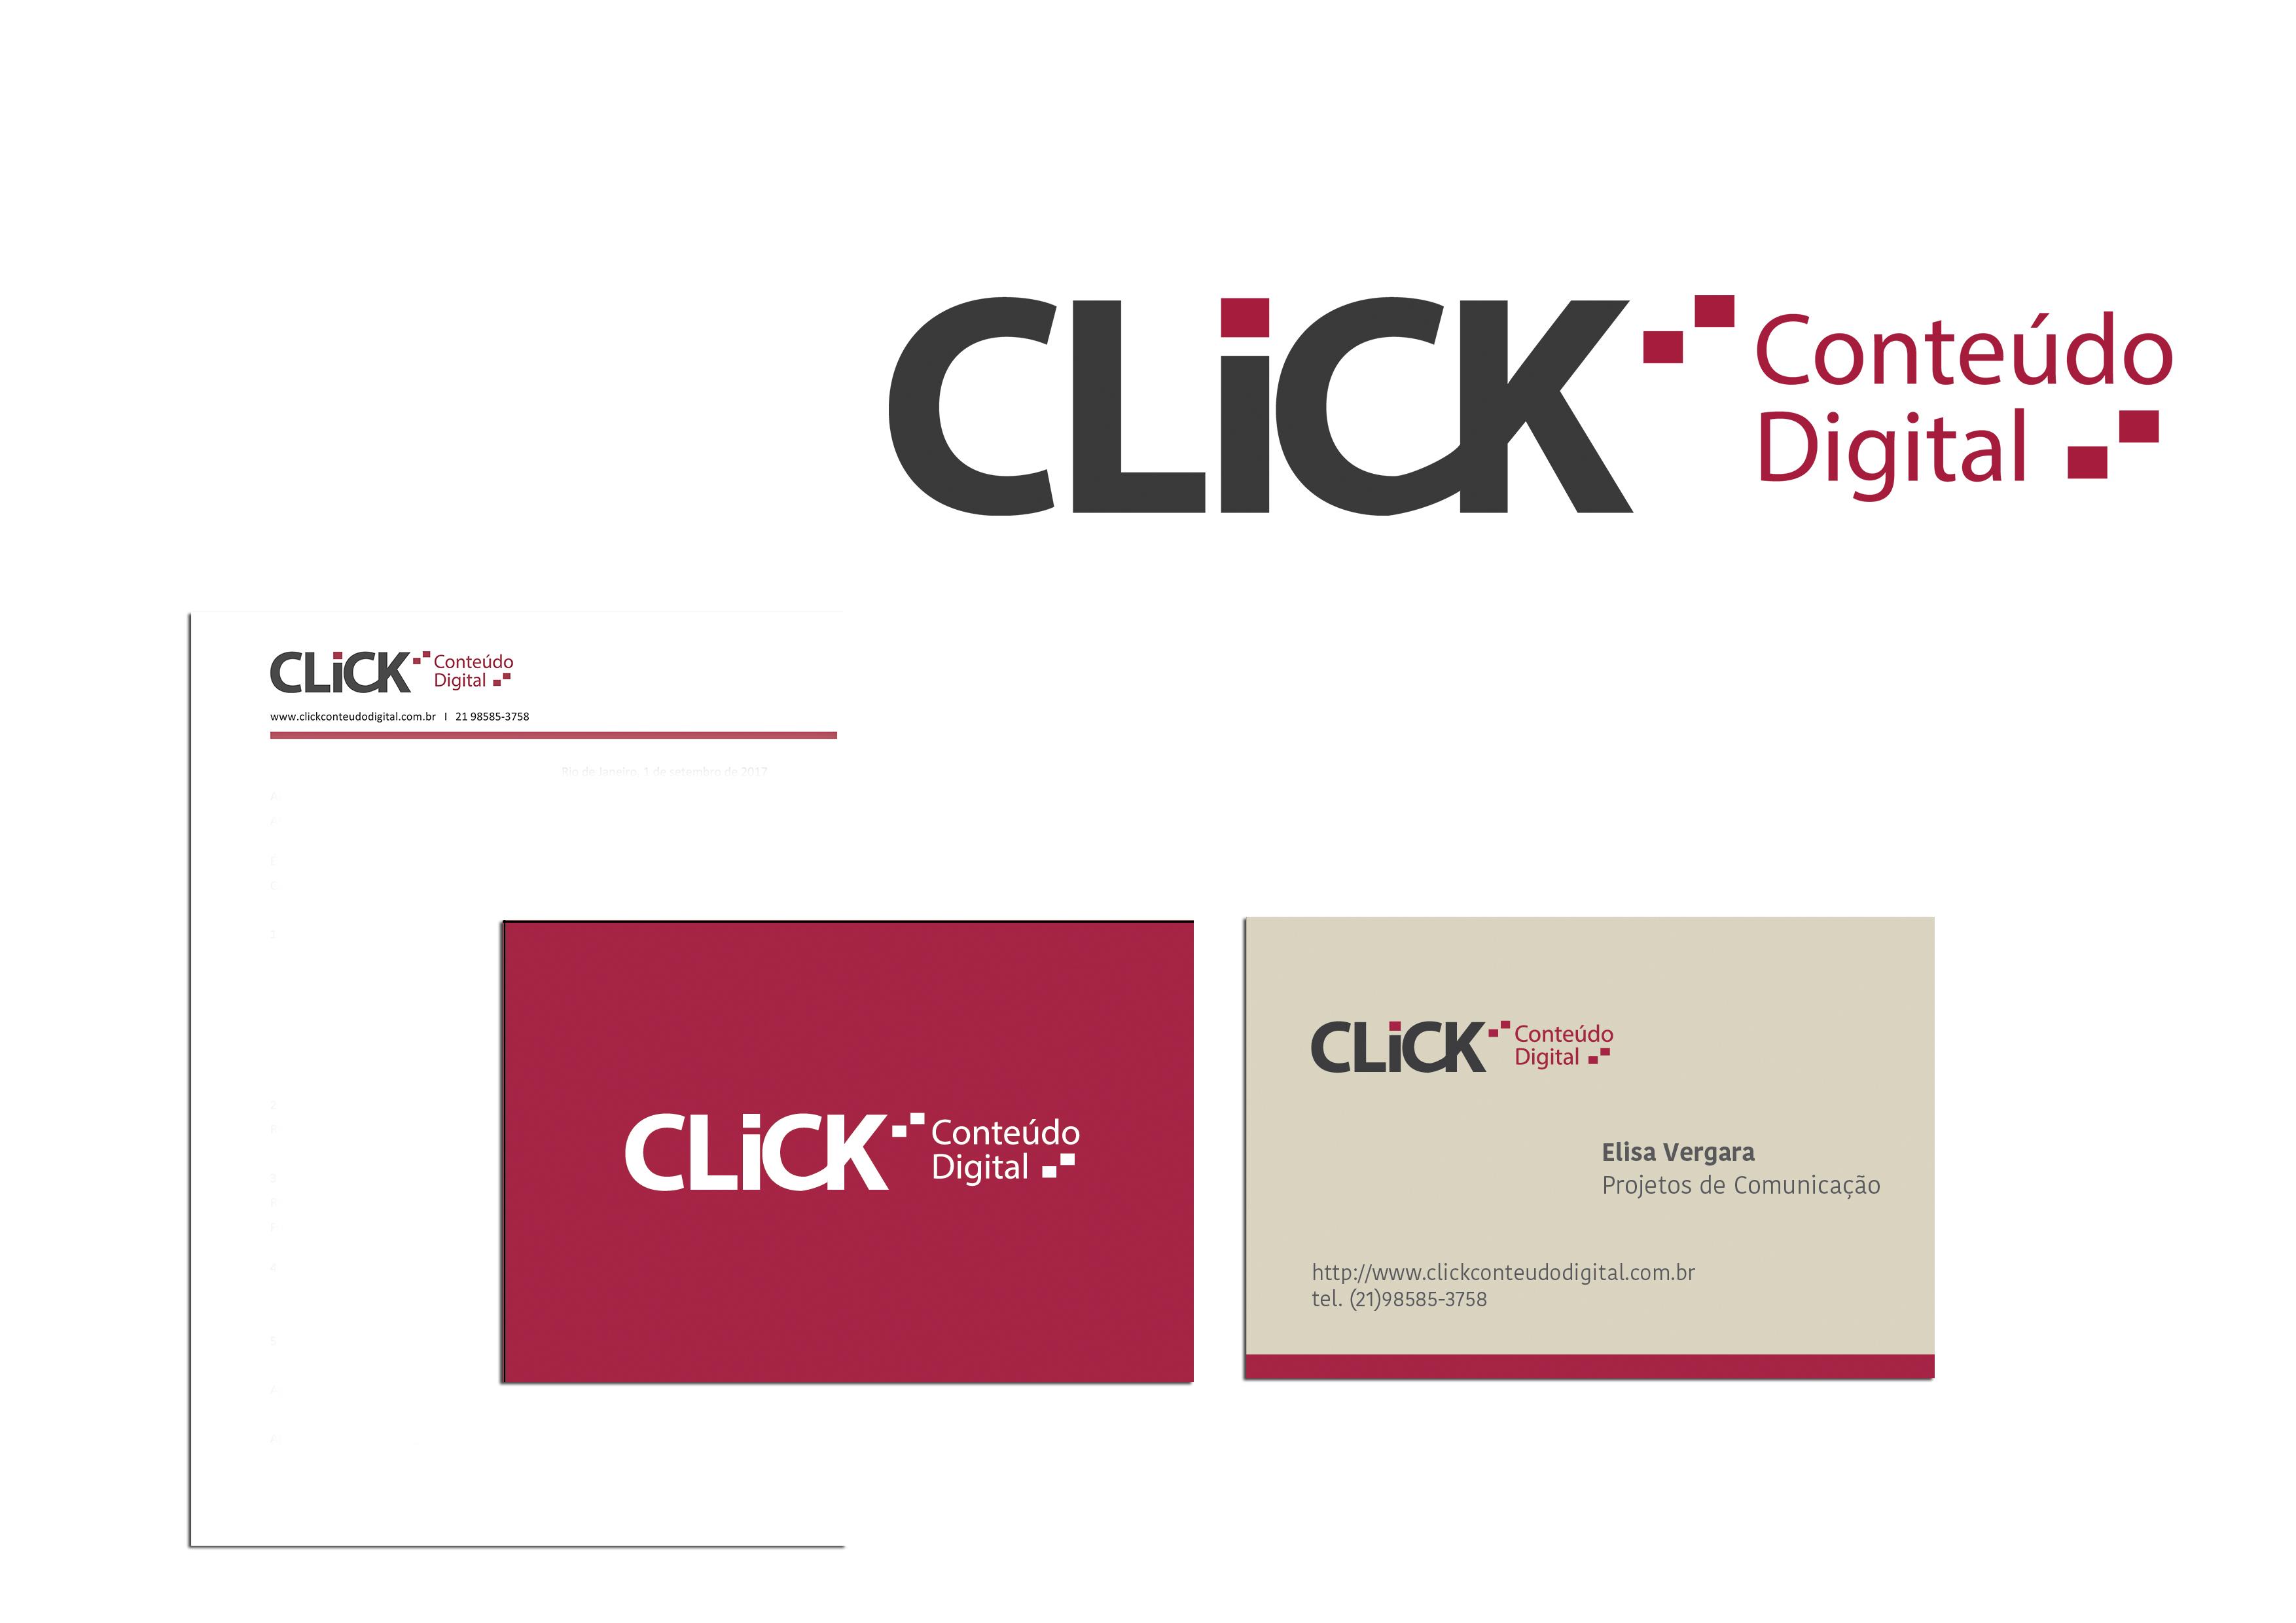 CLICK CONTEÚDO DIGITAL